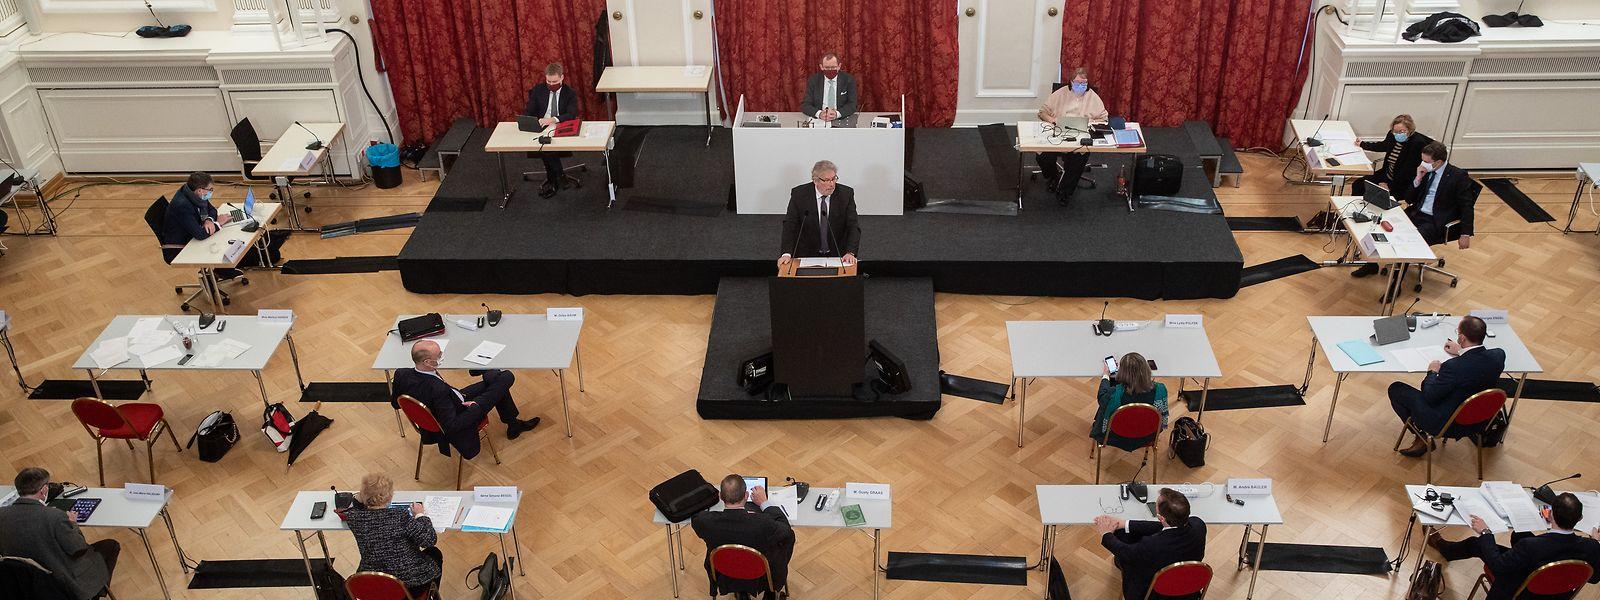 Am Freitag stimmt das Parlament über das zehnte Covid-Gesetz ab. Die aktuellen Maßnahmen werden bis zum 2. April verlängert.